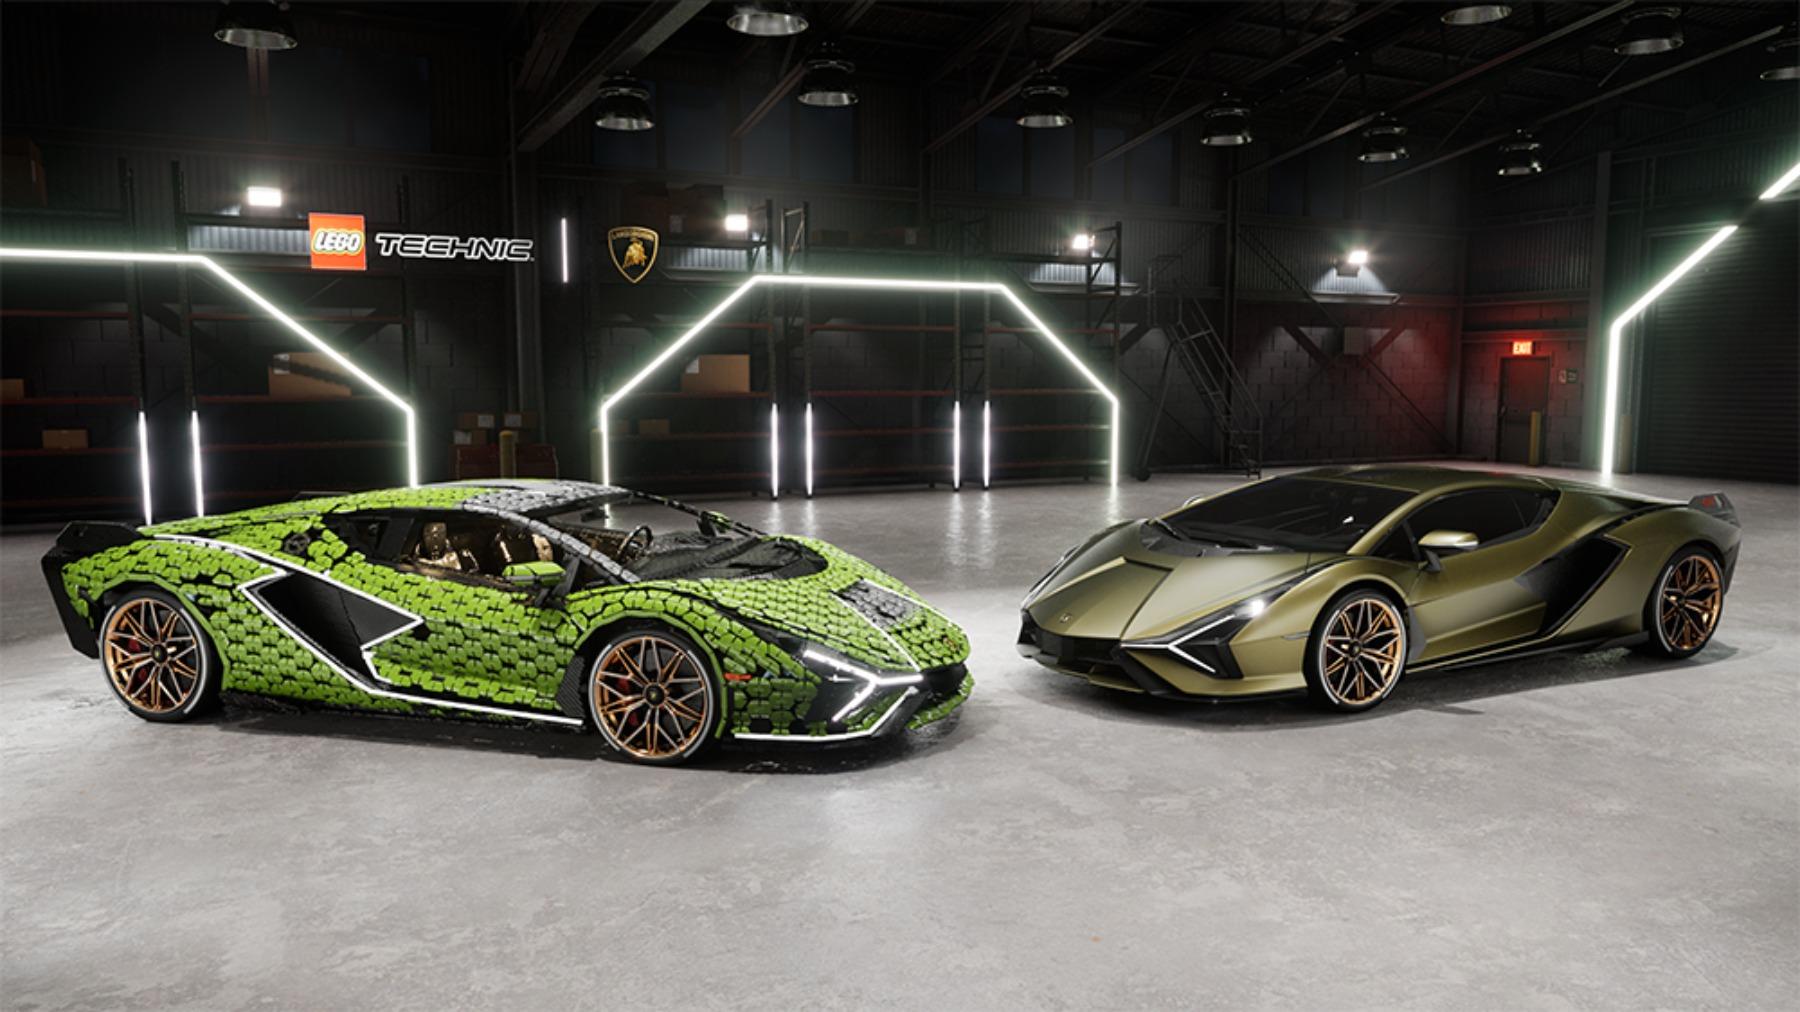 Así es el Lamborghini Sián construido con 400.000 piezas de Lego